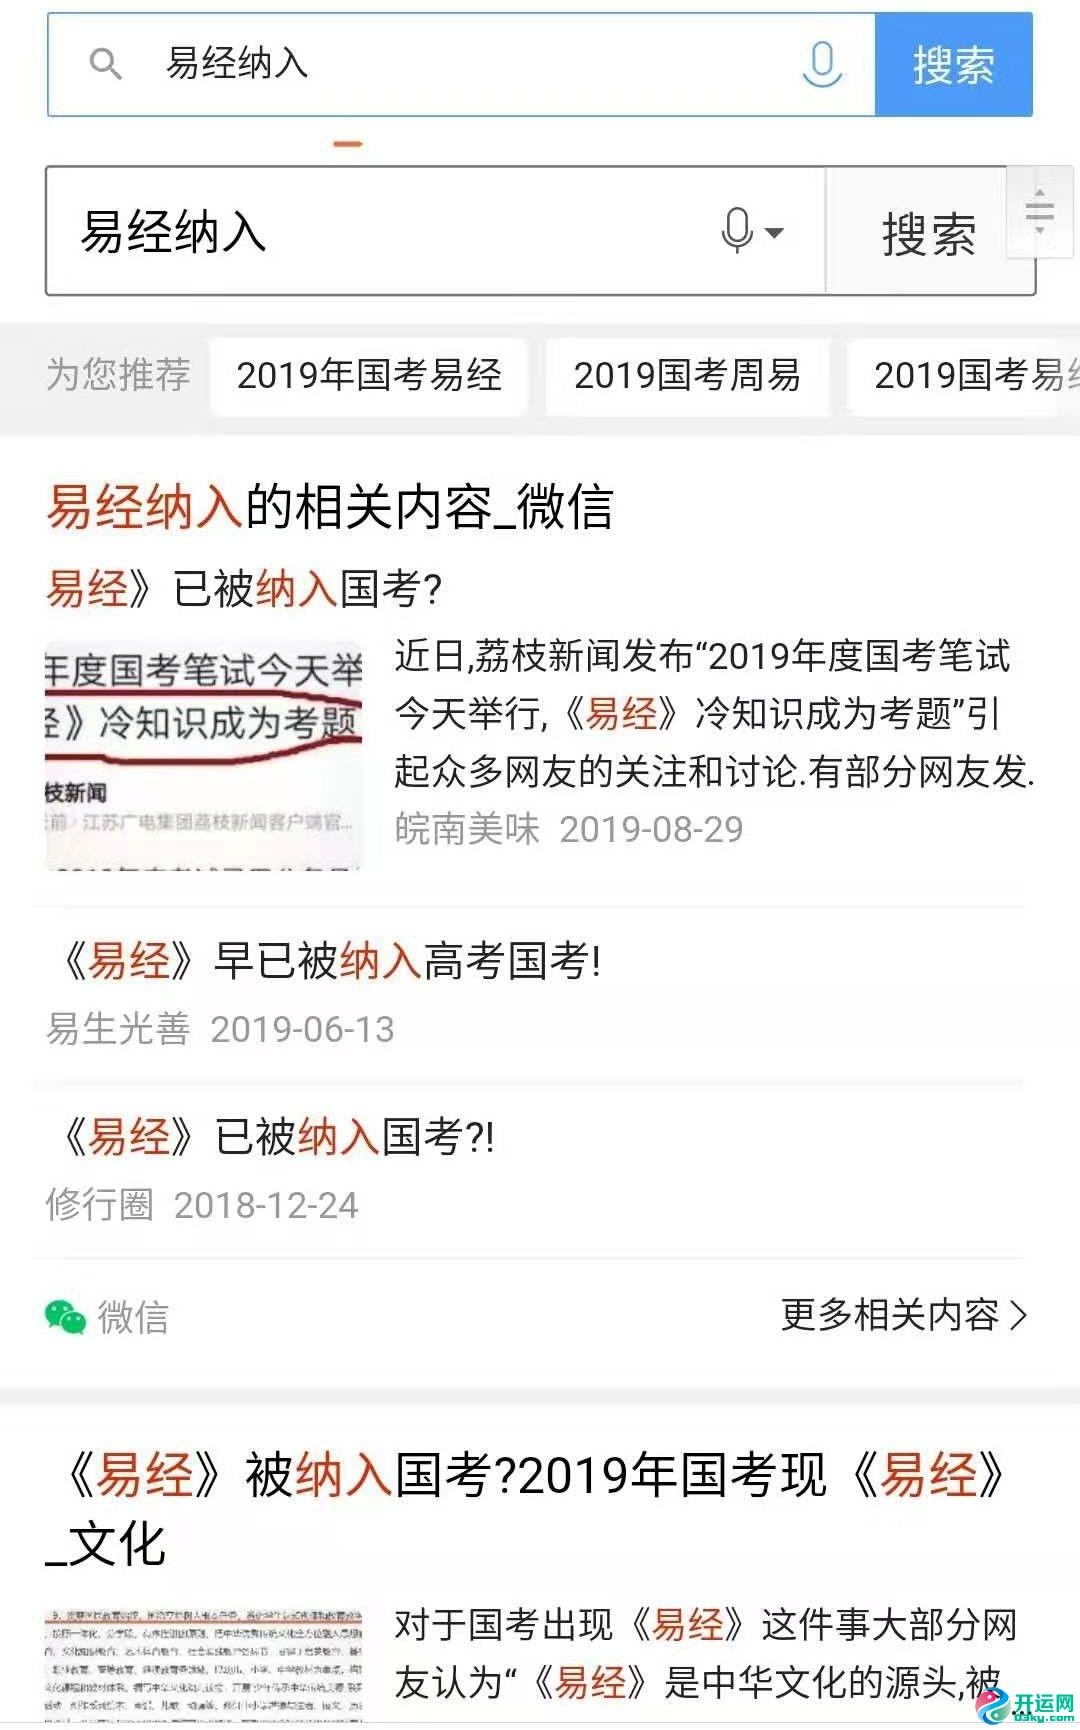 【周易】预测已纳入中国科学院博士招生计划